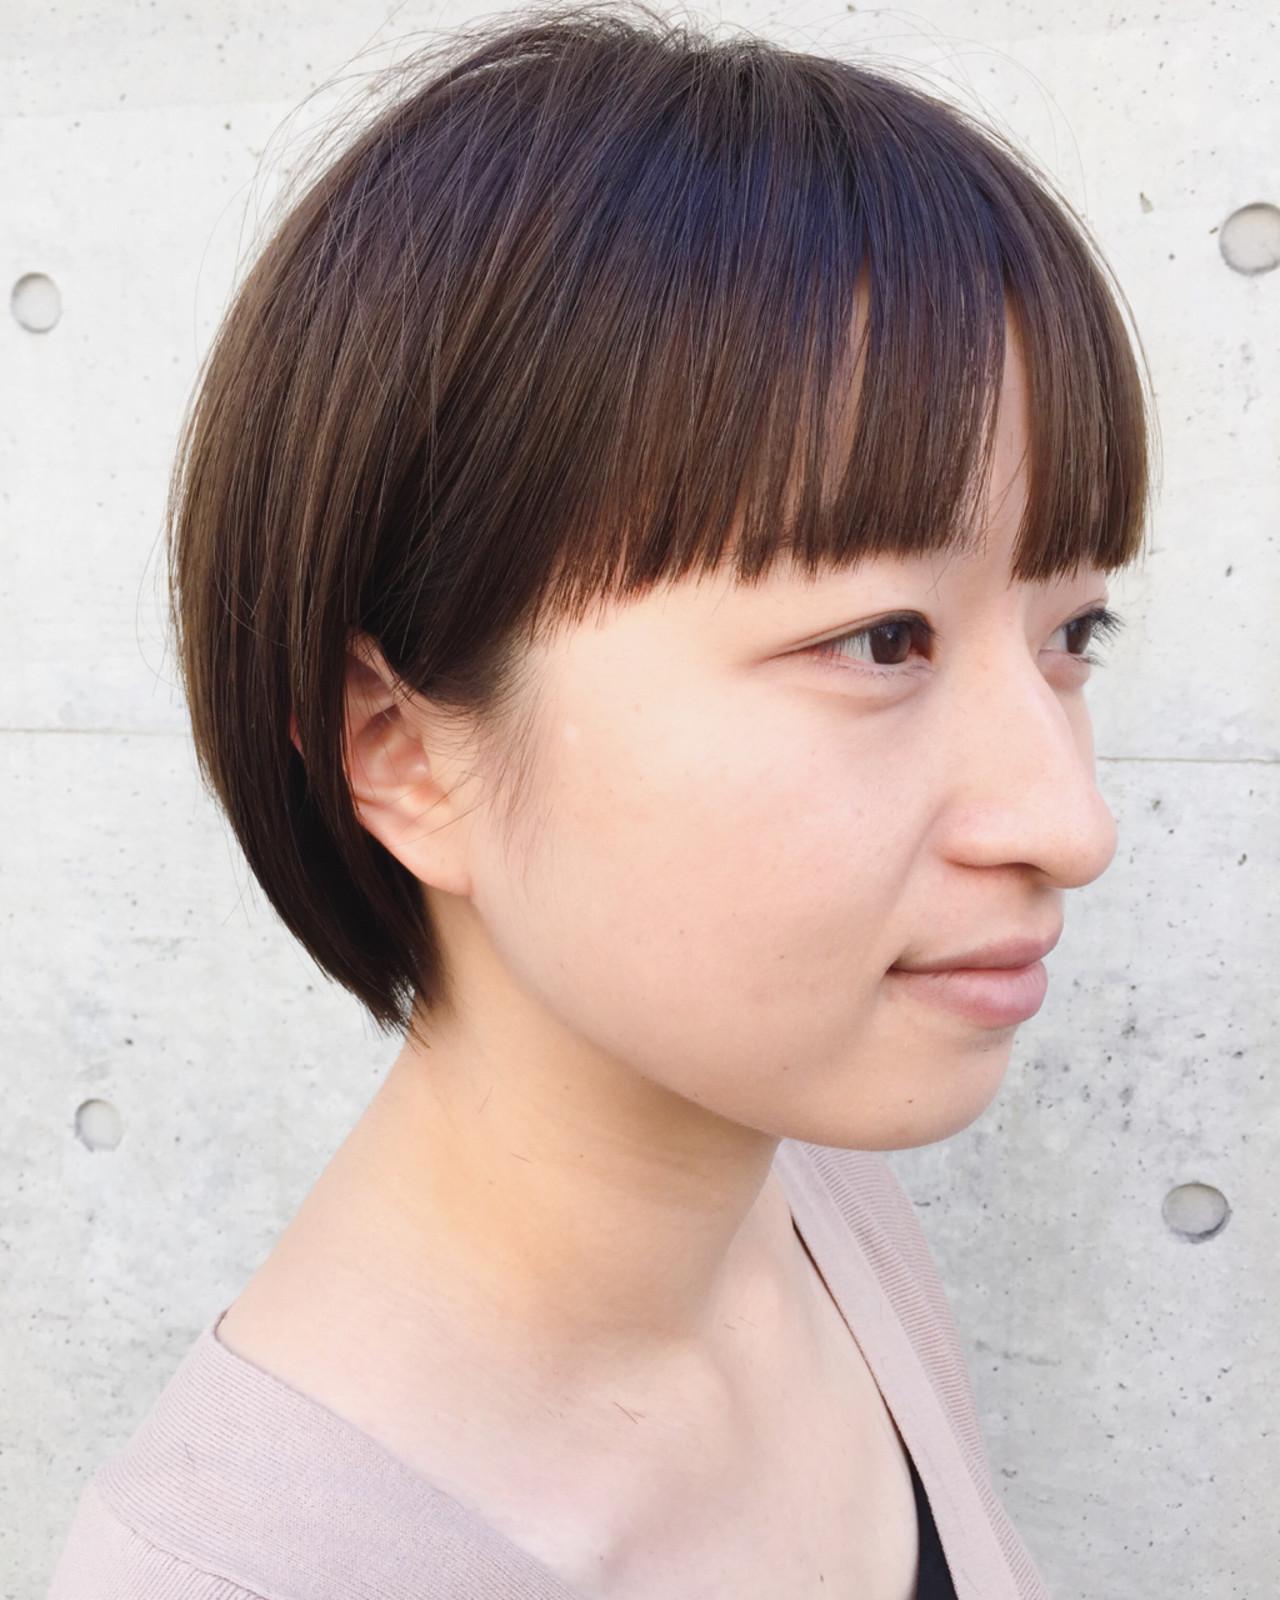 ショートヘアと組み合わせればカッコ可愛くなれる 田村 恵介 / PLACE IN THE SUN | PLACE IN THE SUN